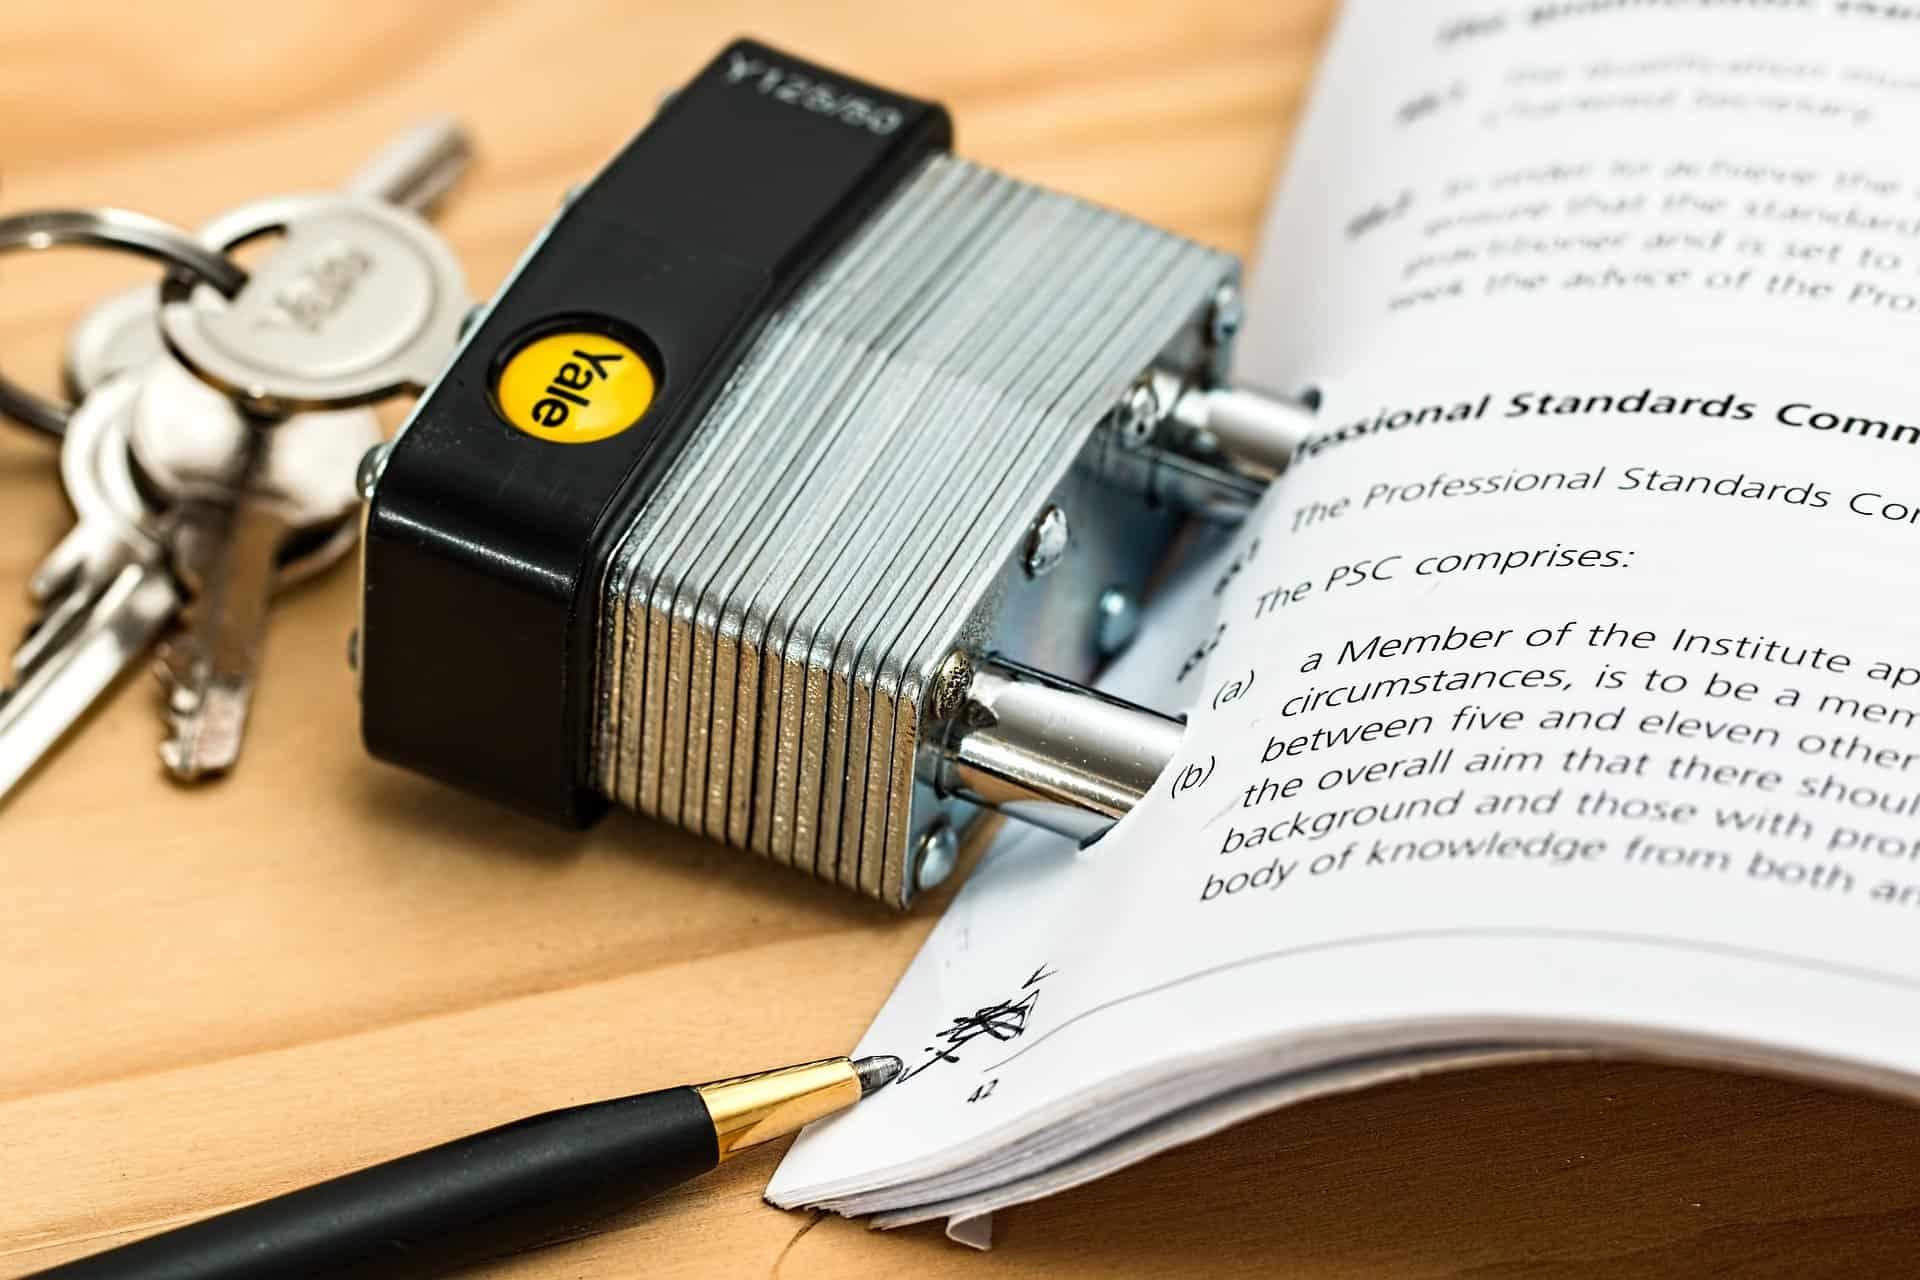 共用與租賃-衝擊指示器-震動指示片-撞擊偵測貼紙